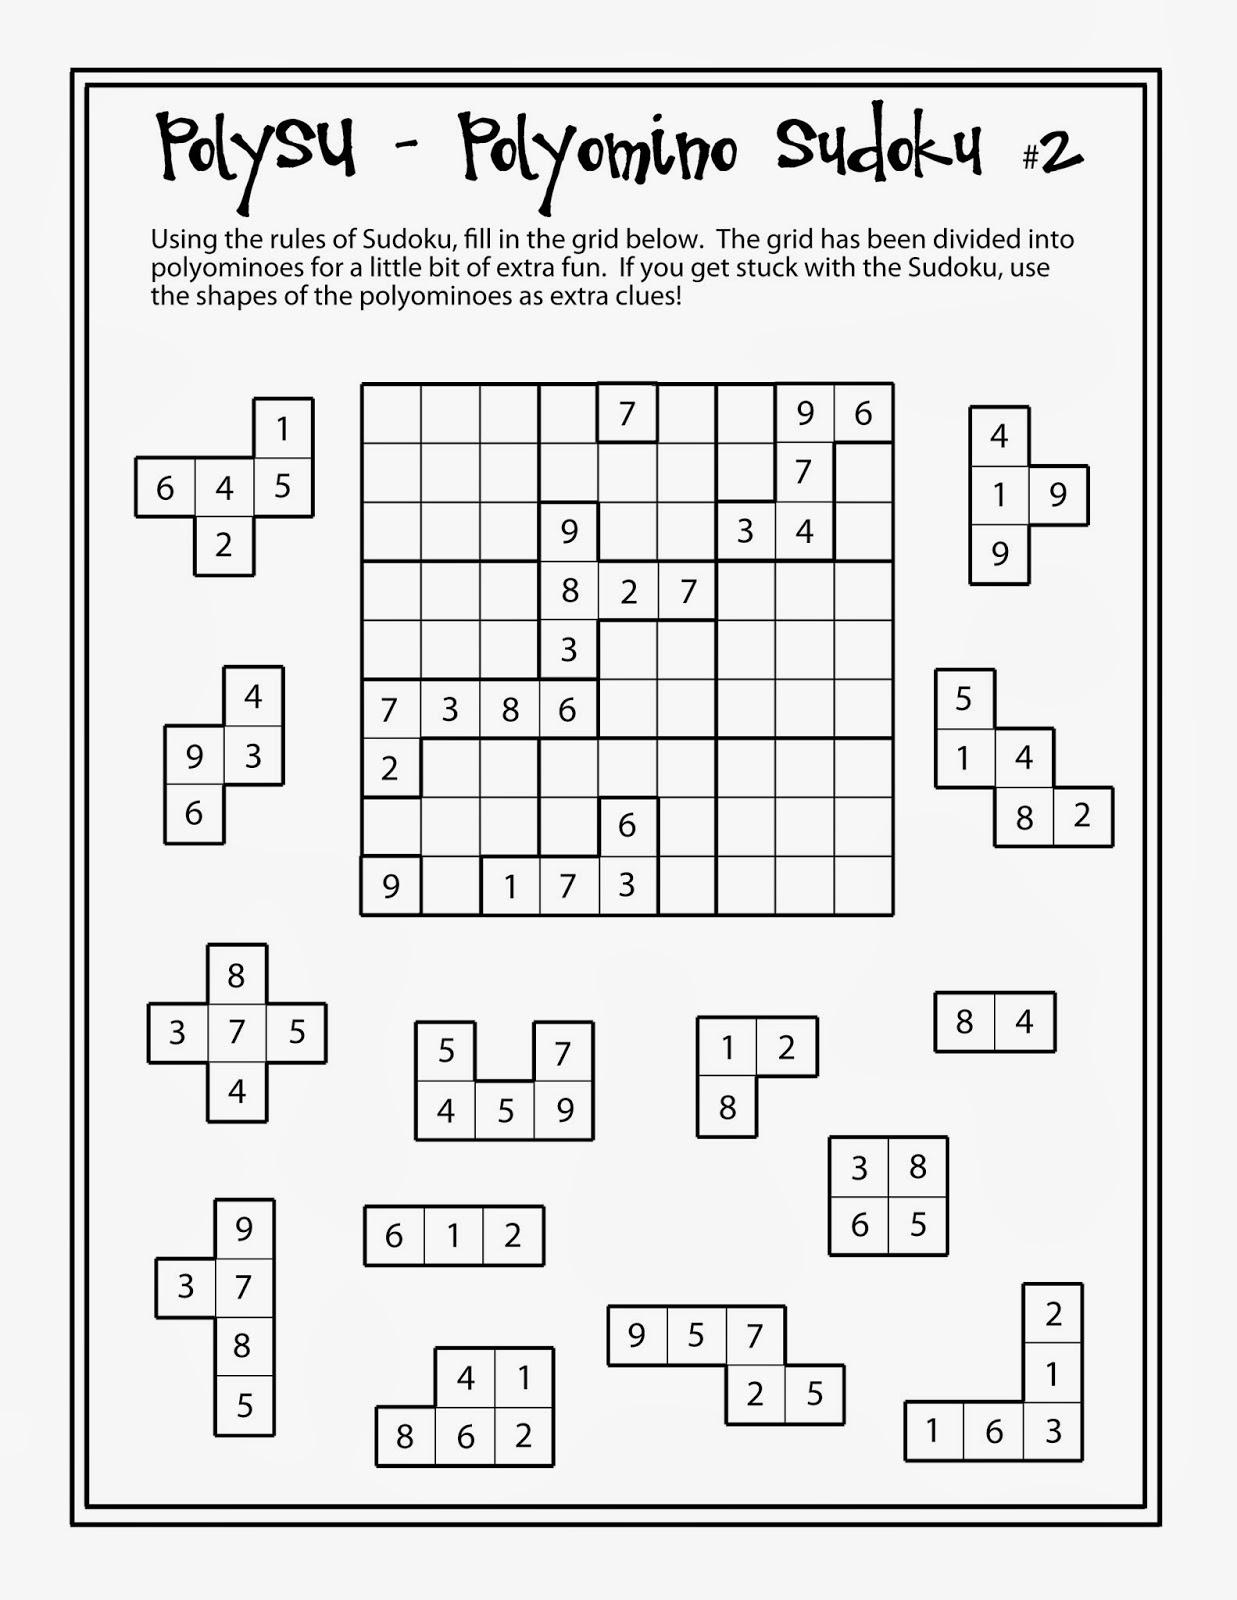 PolySU 2 - Polyomino Sudoku